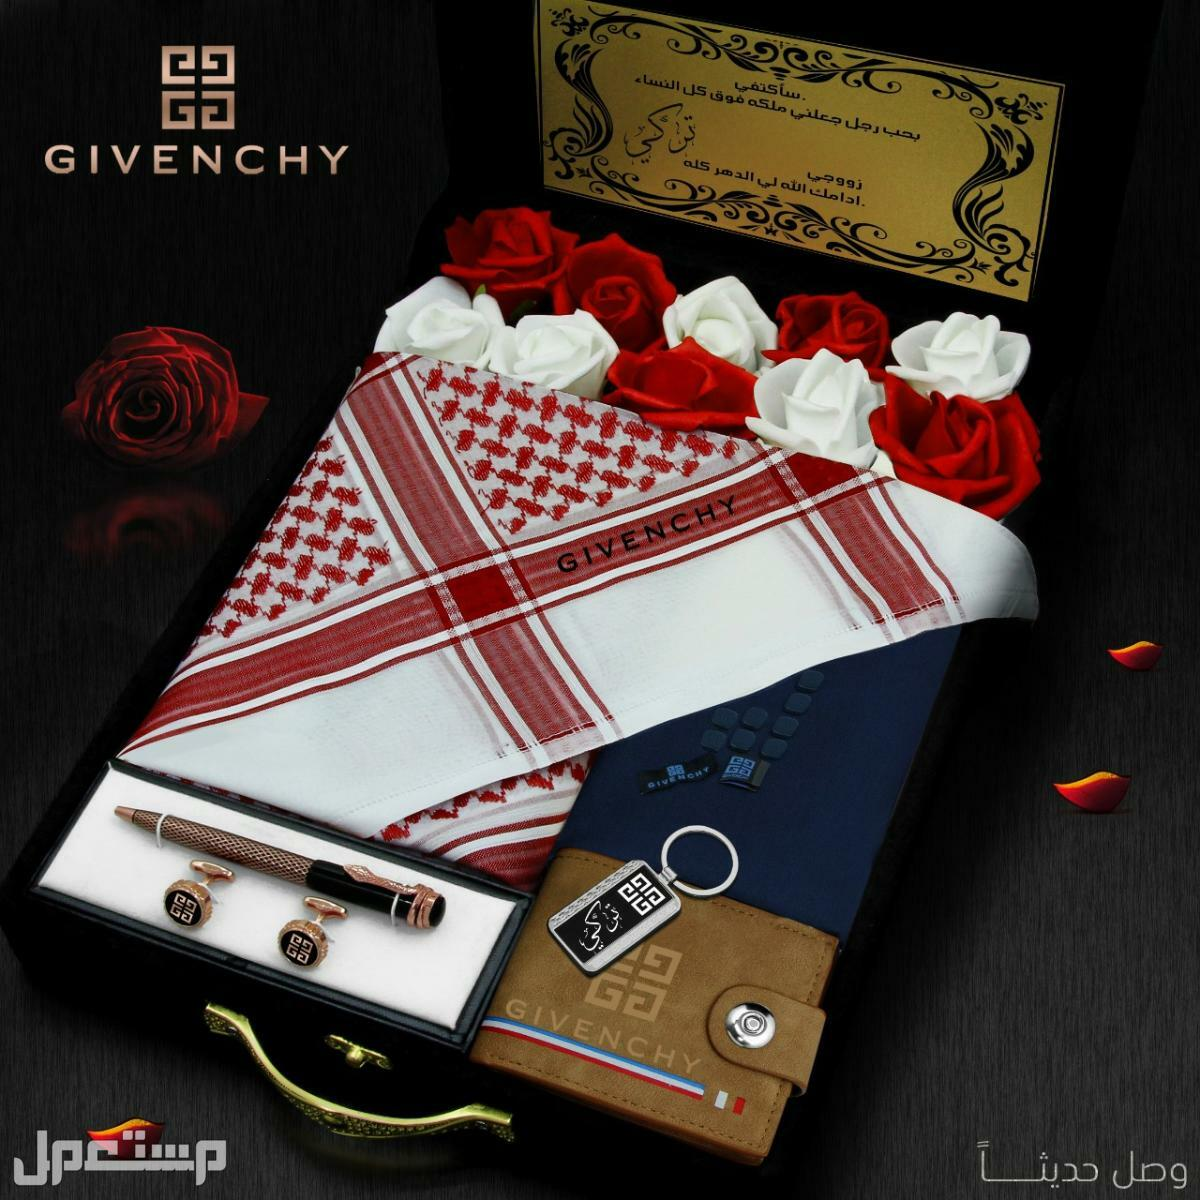 بكس هدايا العيد # ثوب مع شماغ جيفنشي مع ملحقات مميزه